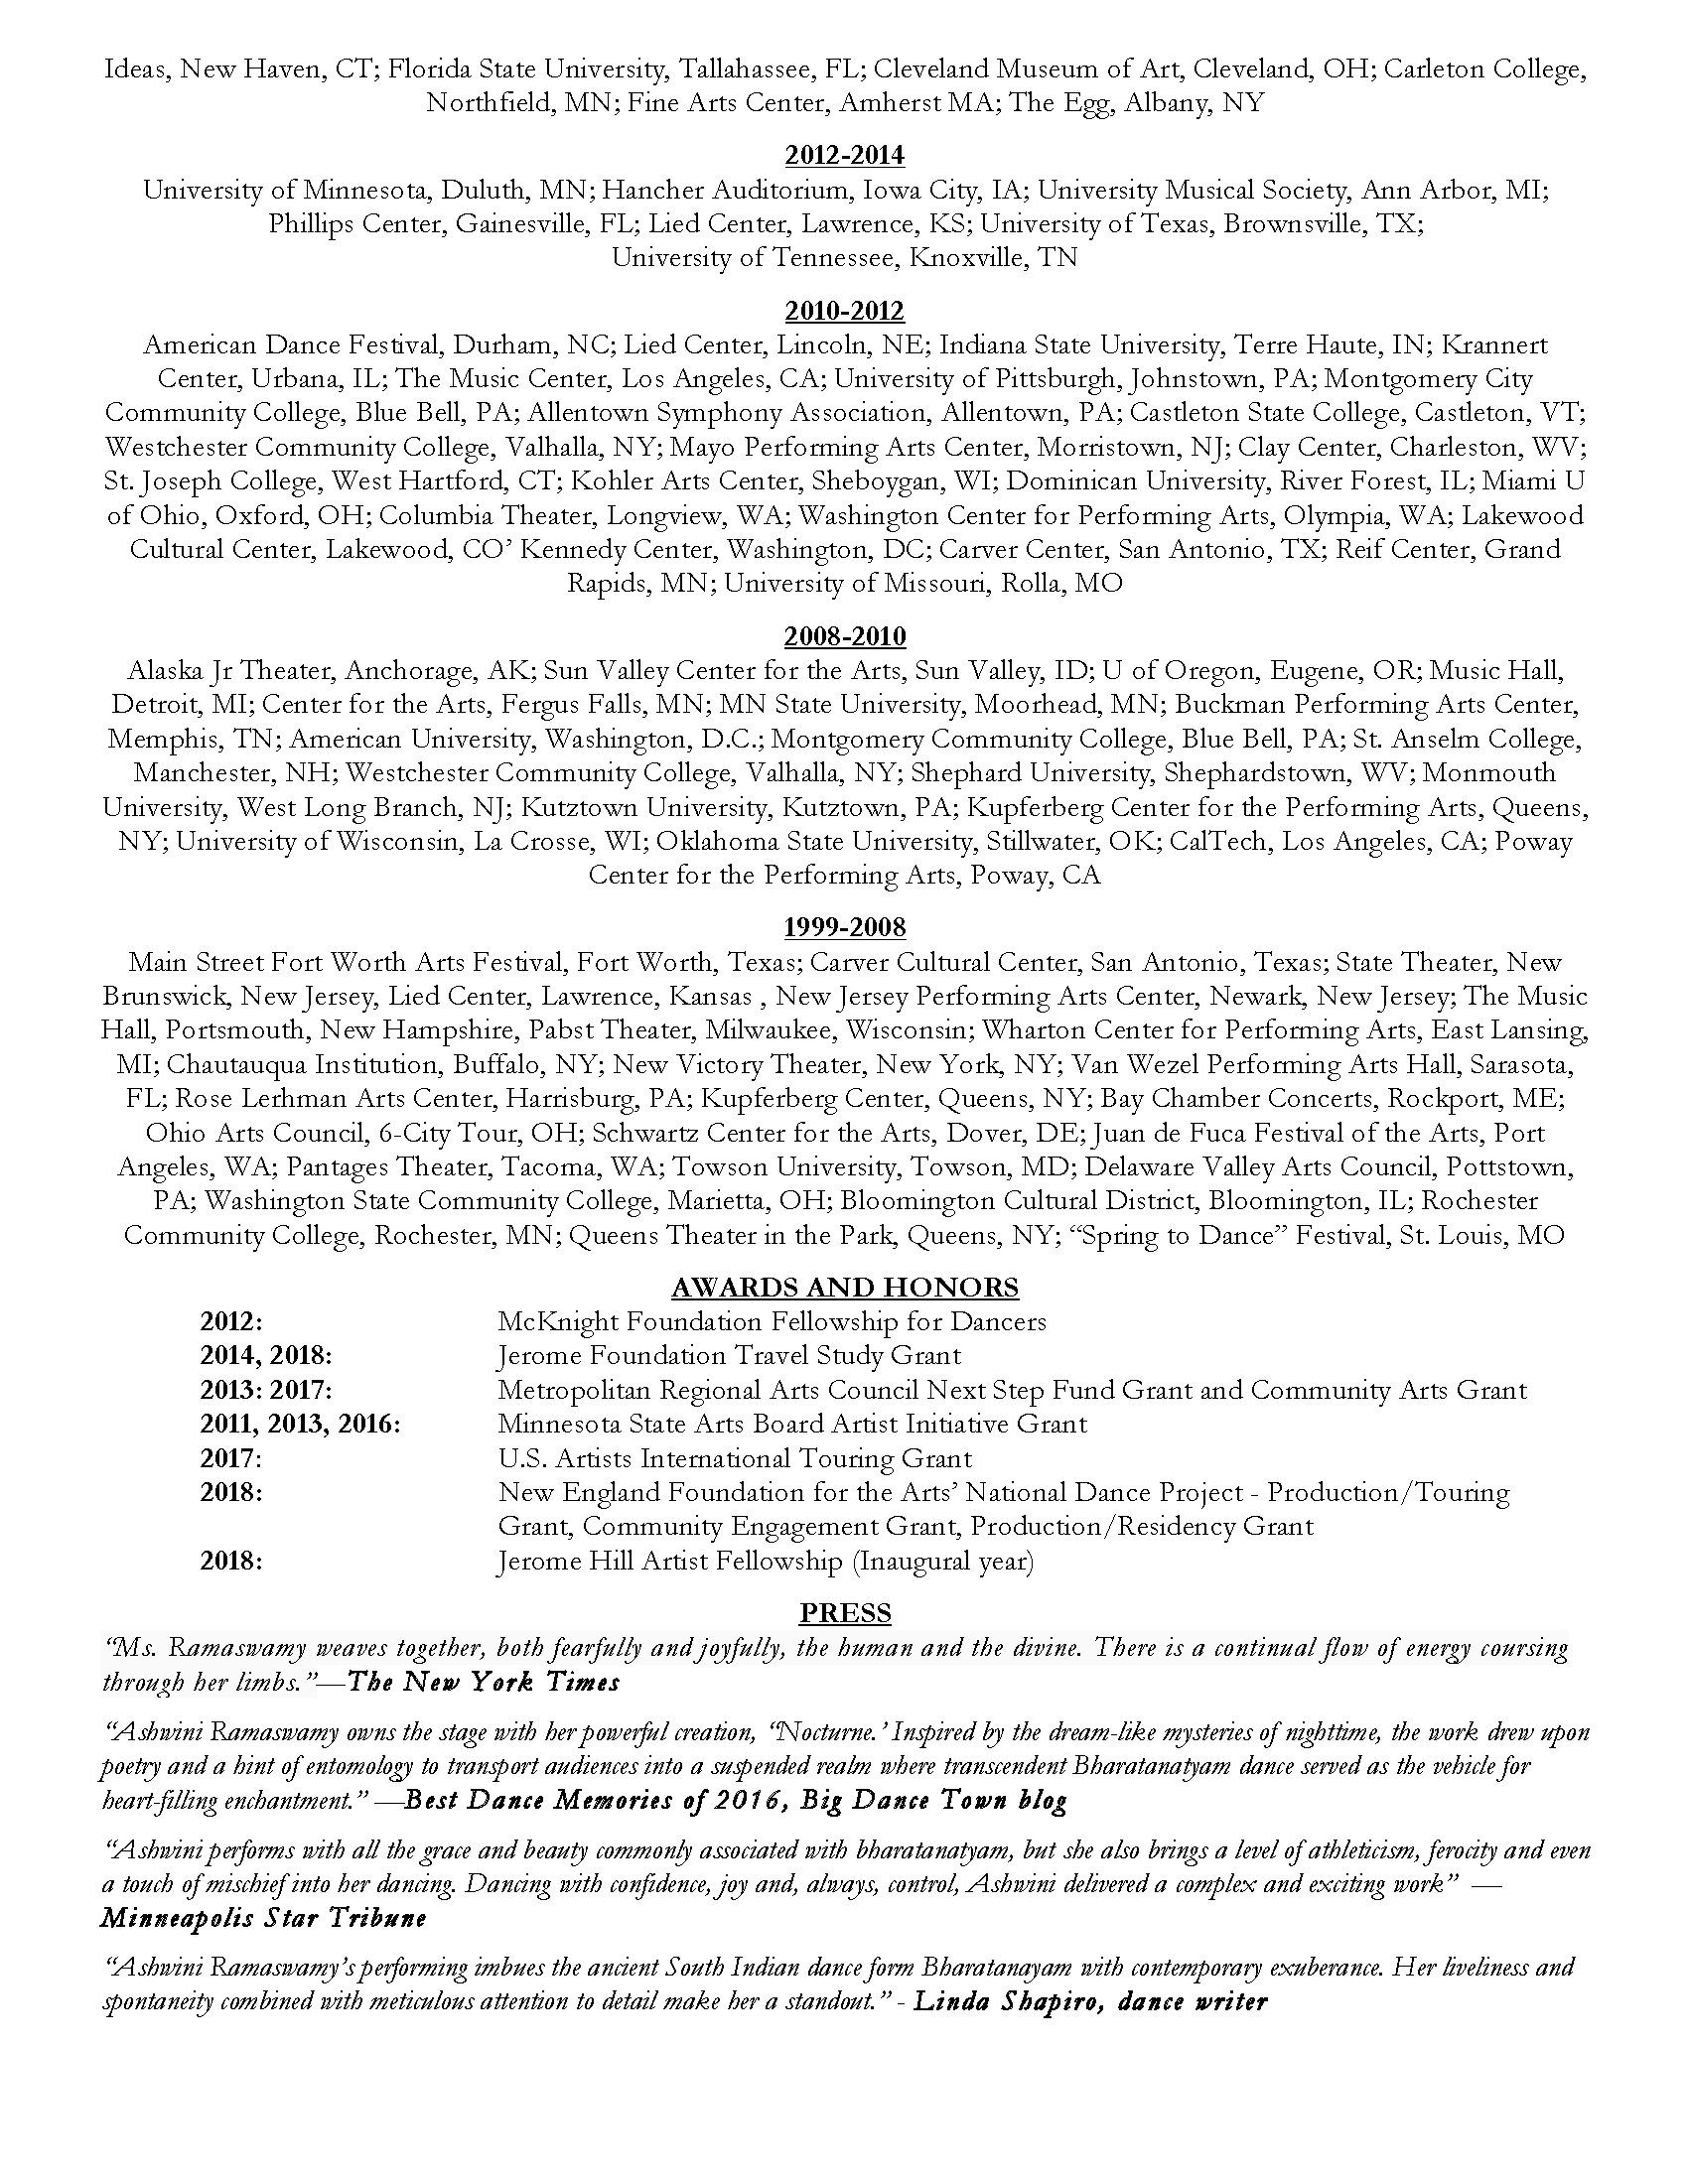 Choreographer Resumes (1)_Page_4.jpg